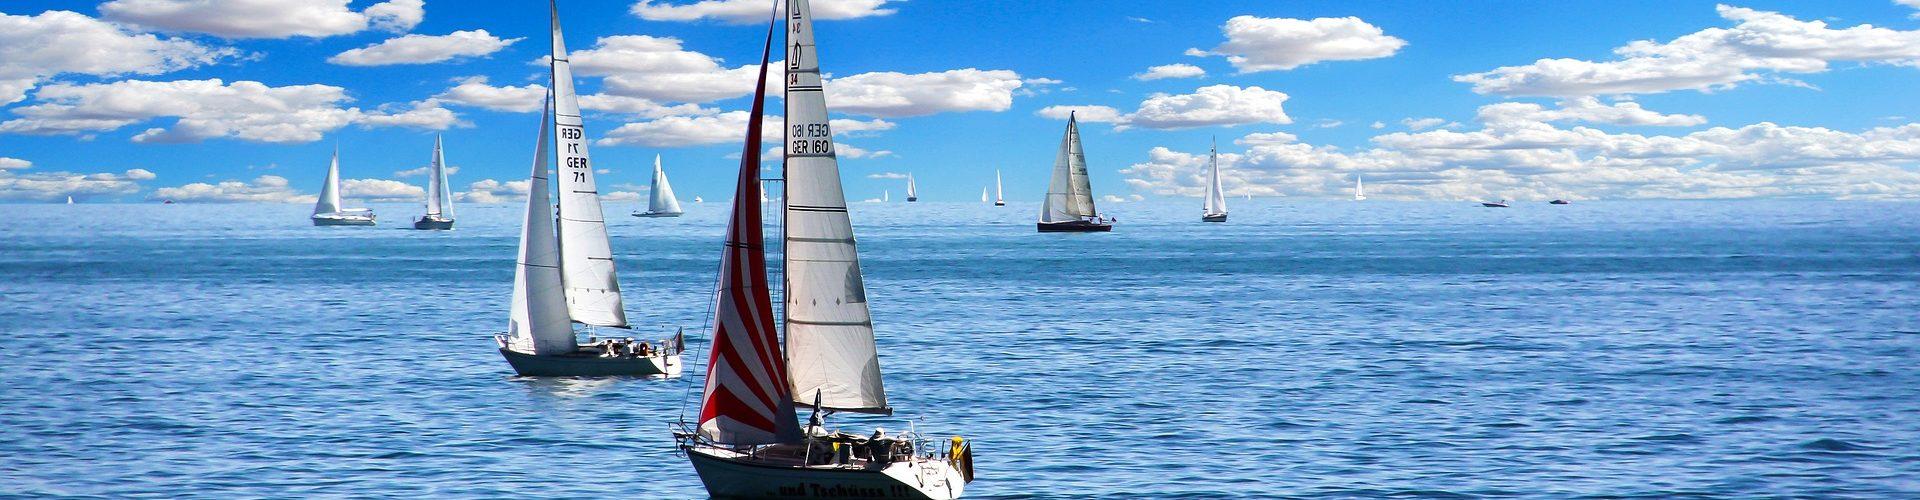 segeln lernen in Meißen segelschein machen in Meißen 1920x500 - Segeln lernen in Meißen